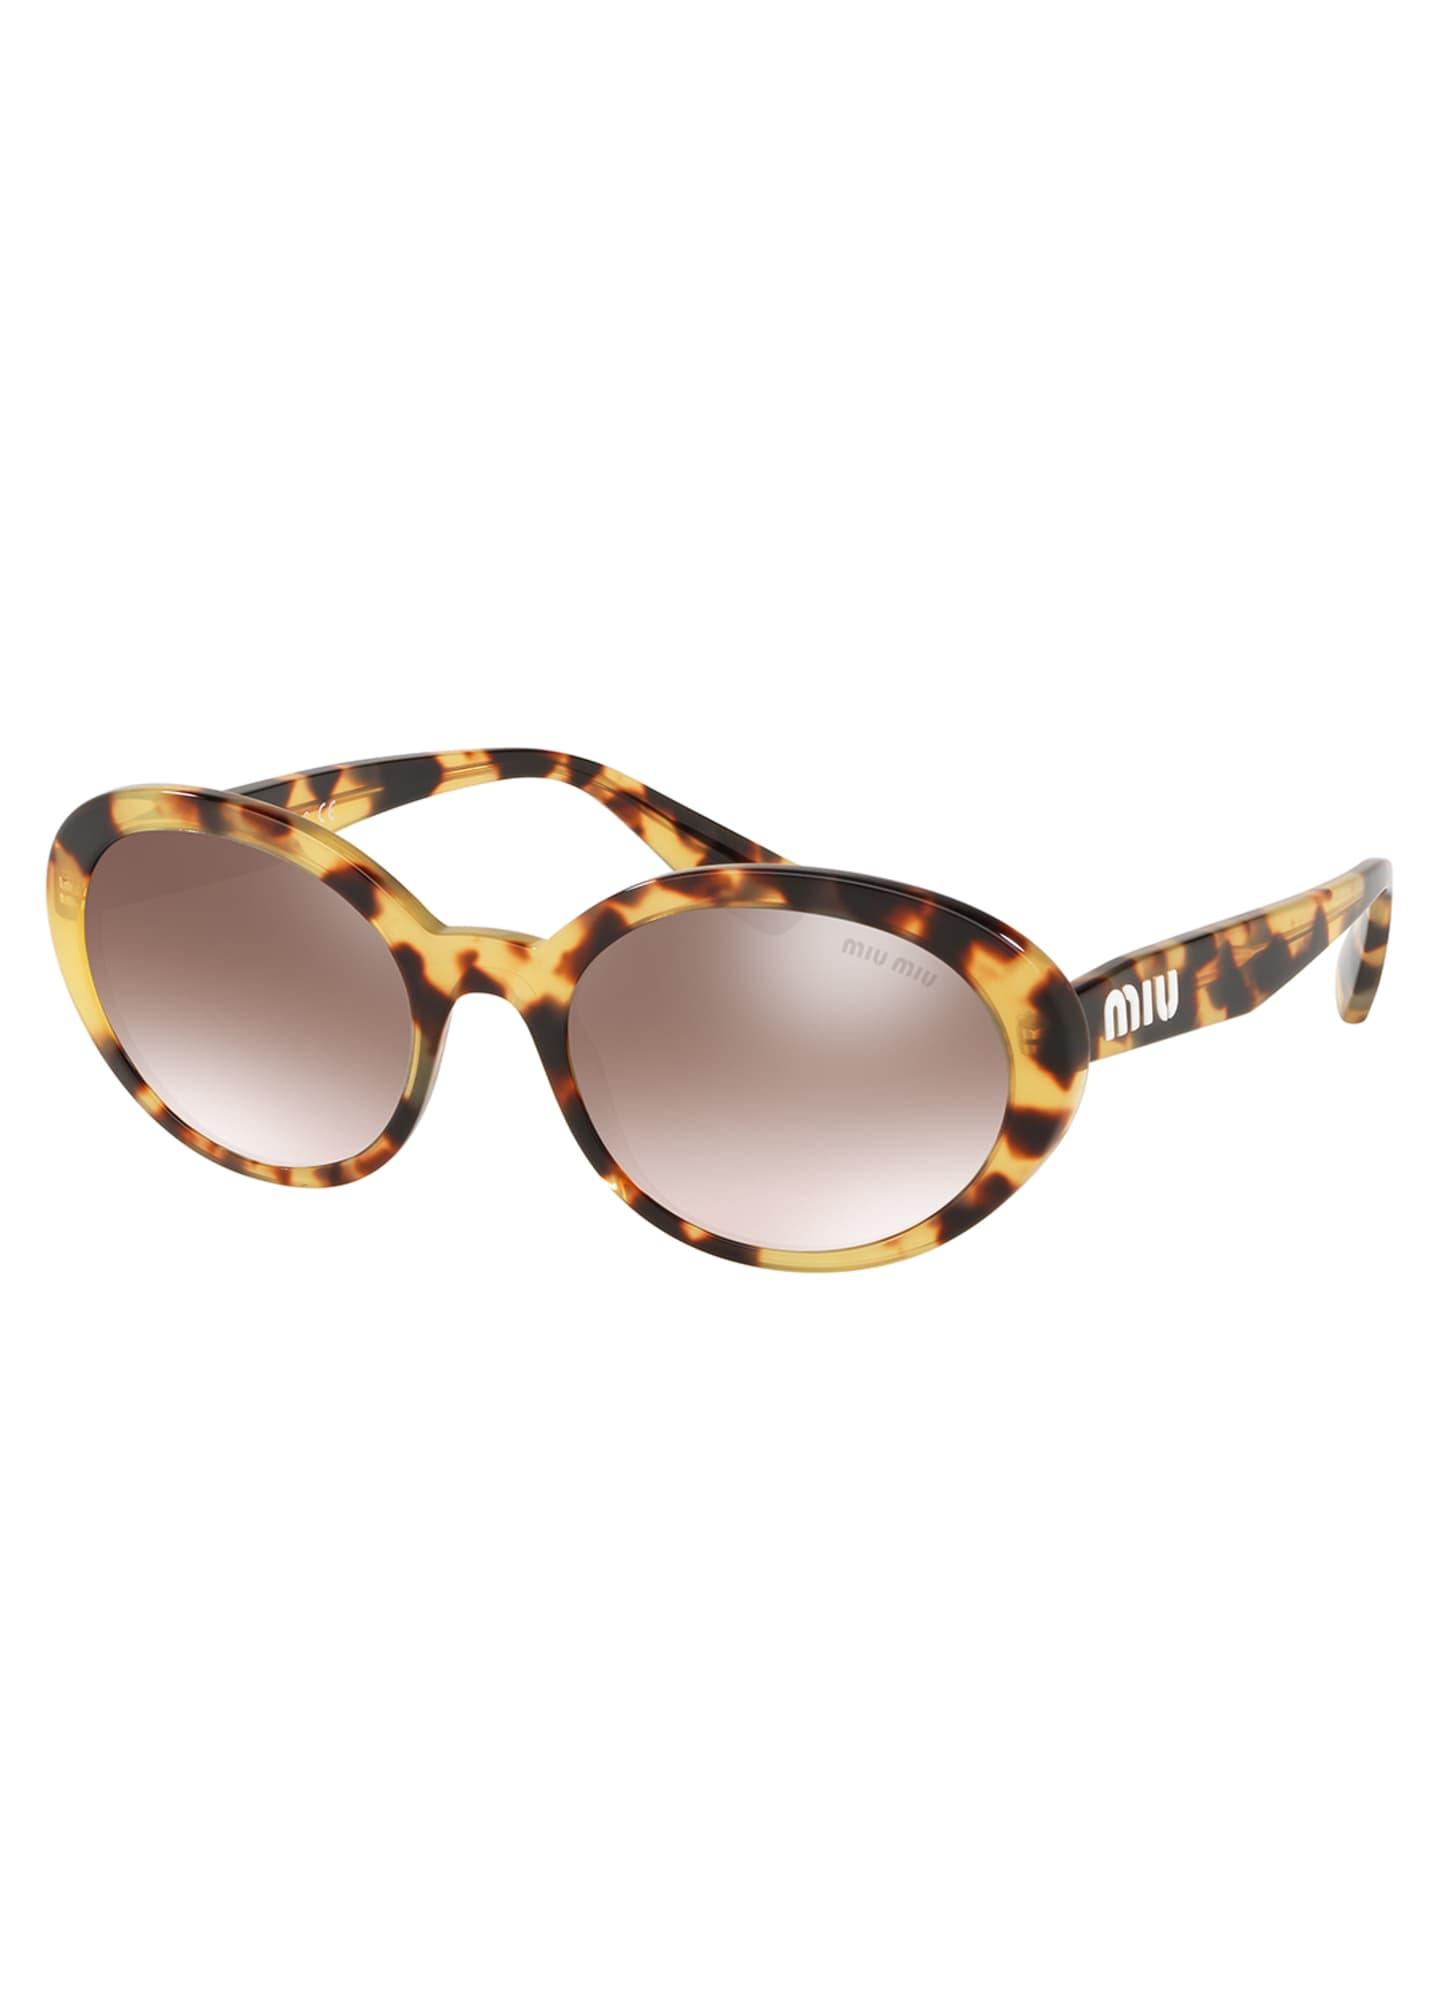 Miu Miu Mirrored Acetate Oval Sunglasses